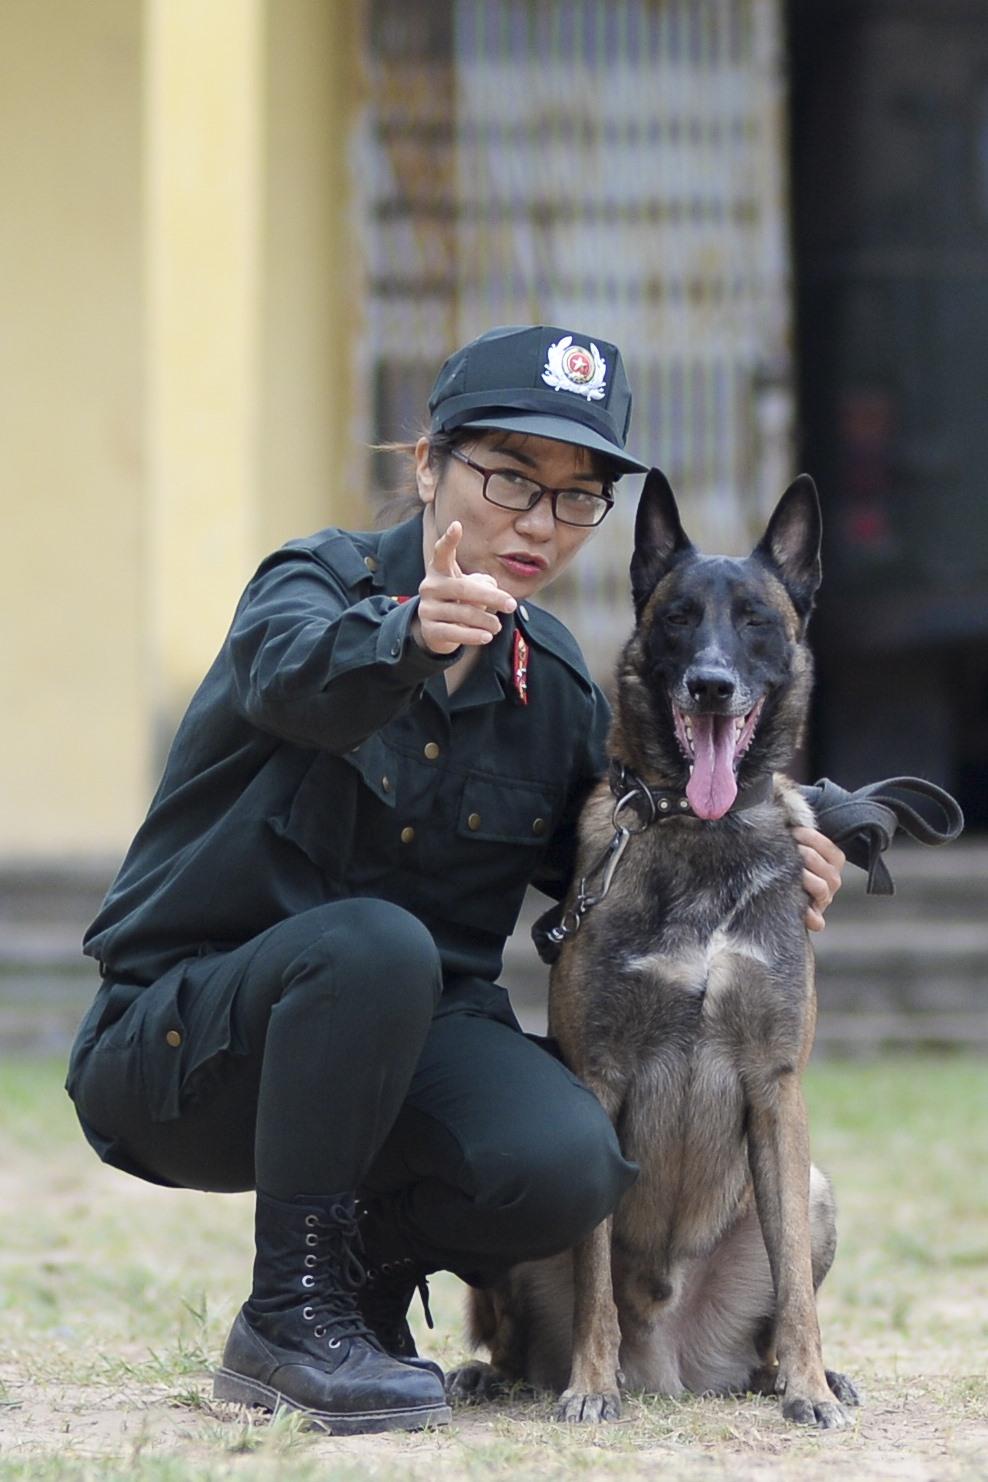 Chó là loài duy nhất biết nhìn theo hướng tay người chỉ. Trung uý Hà Thu Trang, nữ chiến sĩ cảnh sát cơ động duy nhất trên cả nước làm nhiệm vụ huấn luyện chó nghiệp vụ và Ben, đồng đội của cô. Tuy sức vóc phụ nữ có phần thiệt thòi khi phải vật lộn với con chó dữ nặng gần 40kg, nhưng đổi lại, lòng kiên trì và tình yêu của Trung uý Hà Thu Trang đã khuất phục được Ben. Chỉ cần xa nữ chủ nhân một ngày thôi, Ben cũng bỏ ăn, ai cho ăn cũng không chịu.